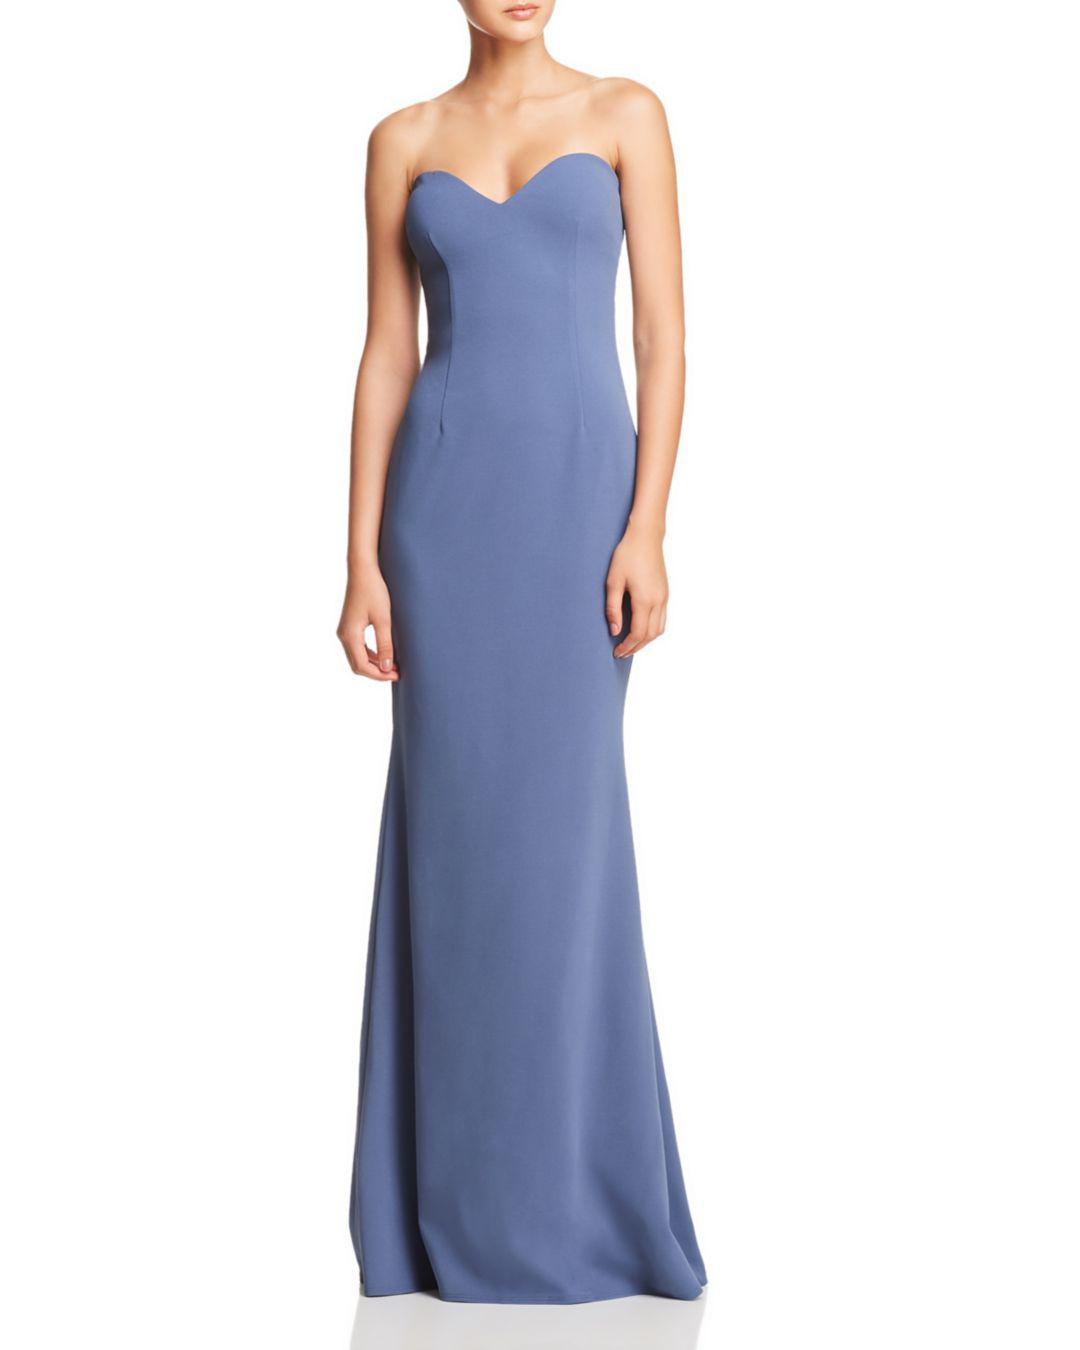 indigo strapless sweetheart maxi gown